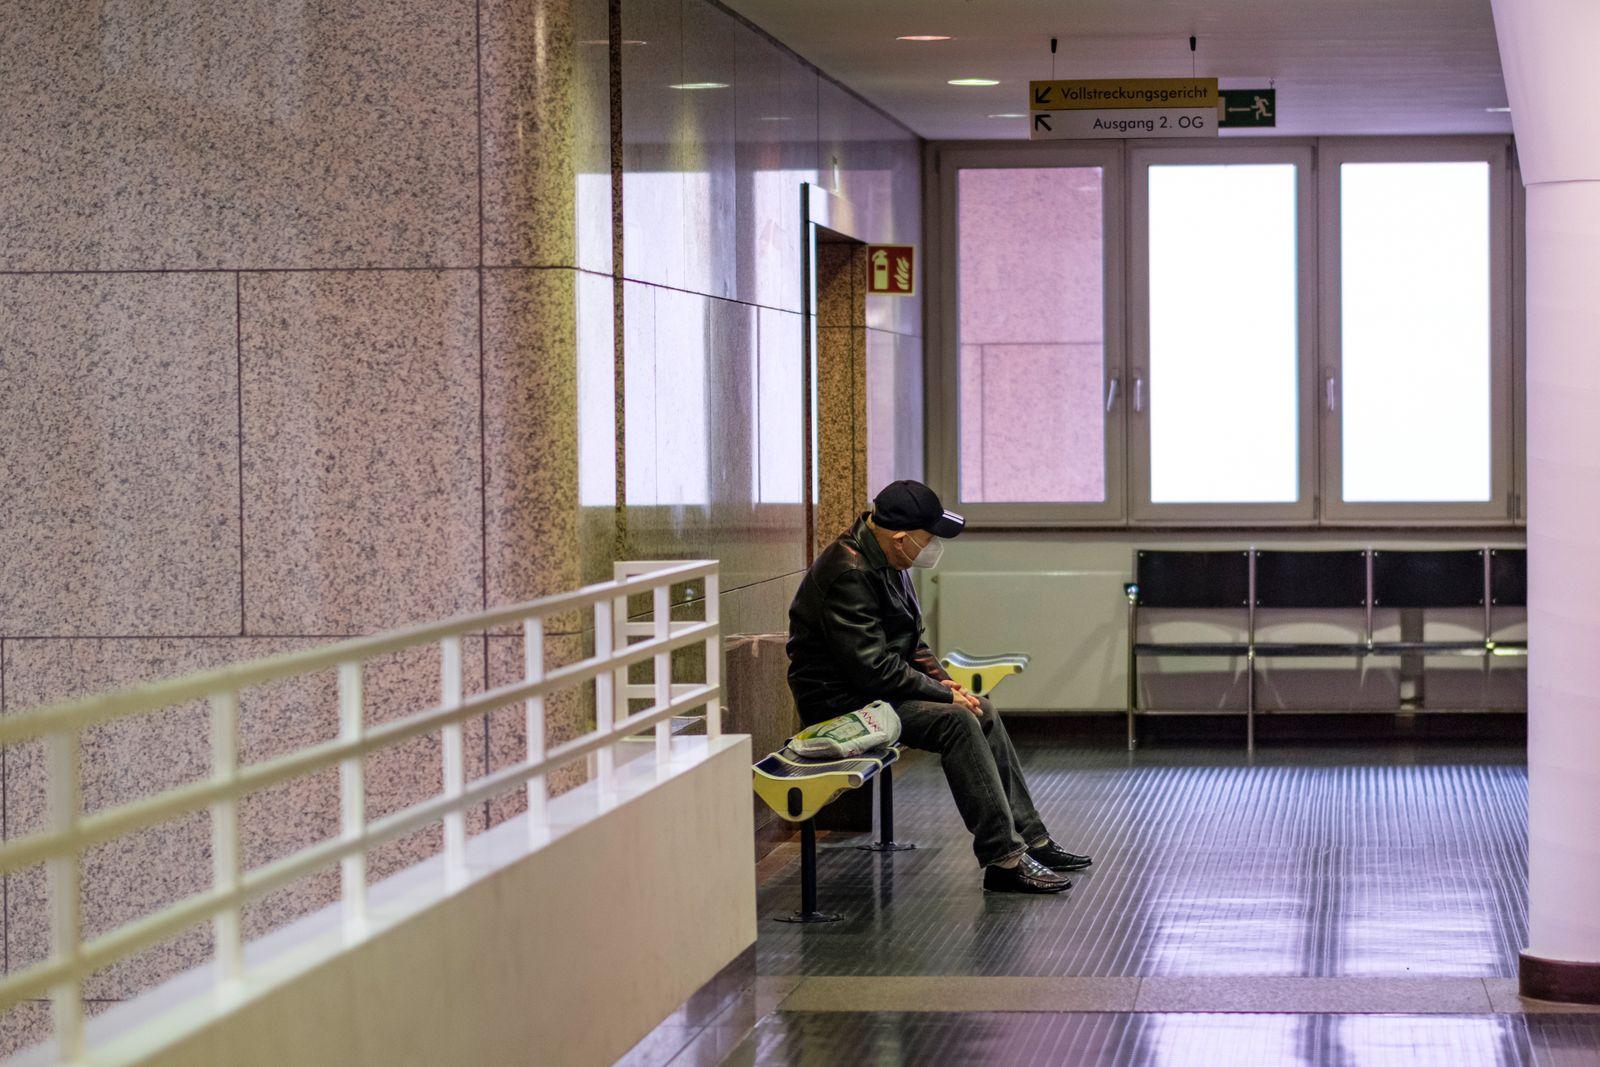 74-Jähriger wegen Aussetzung vor Gericht